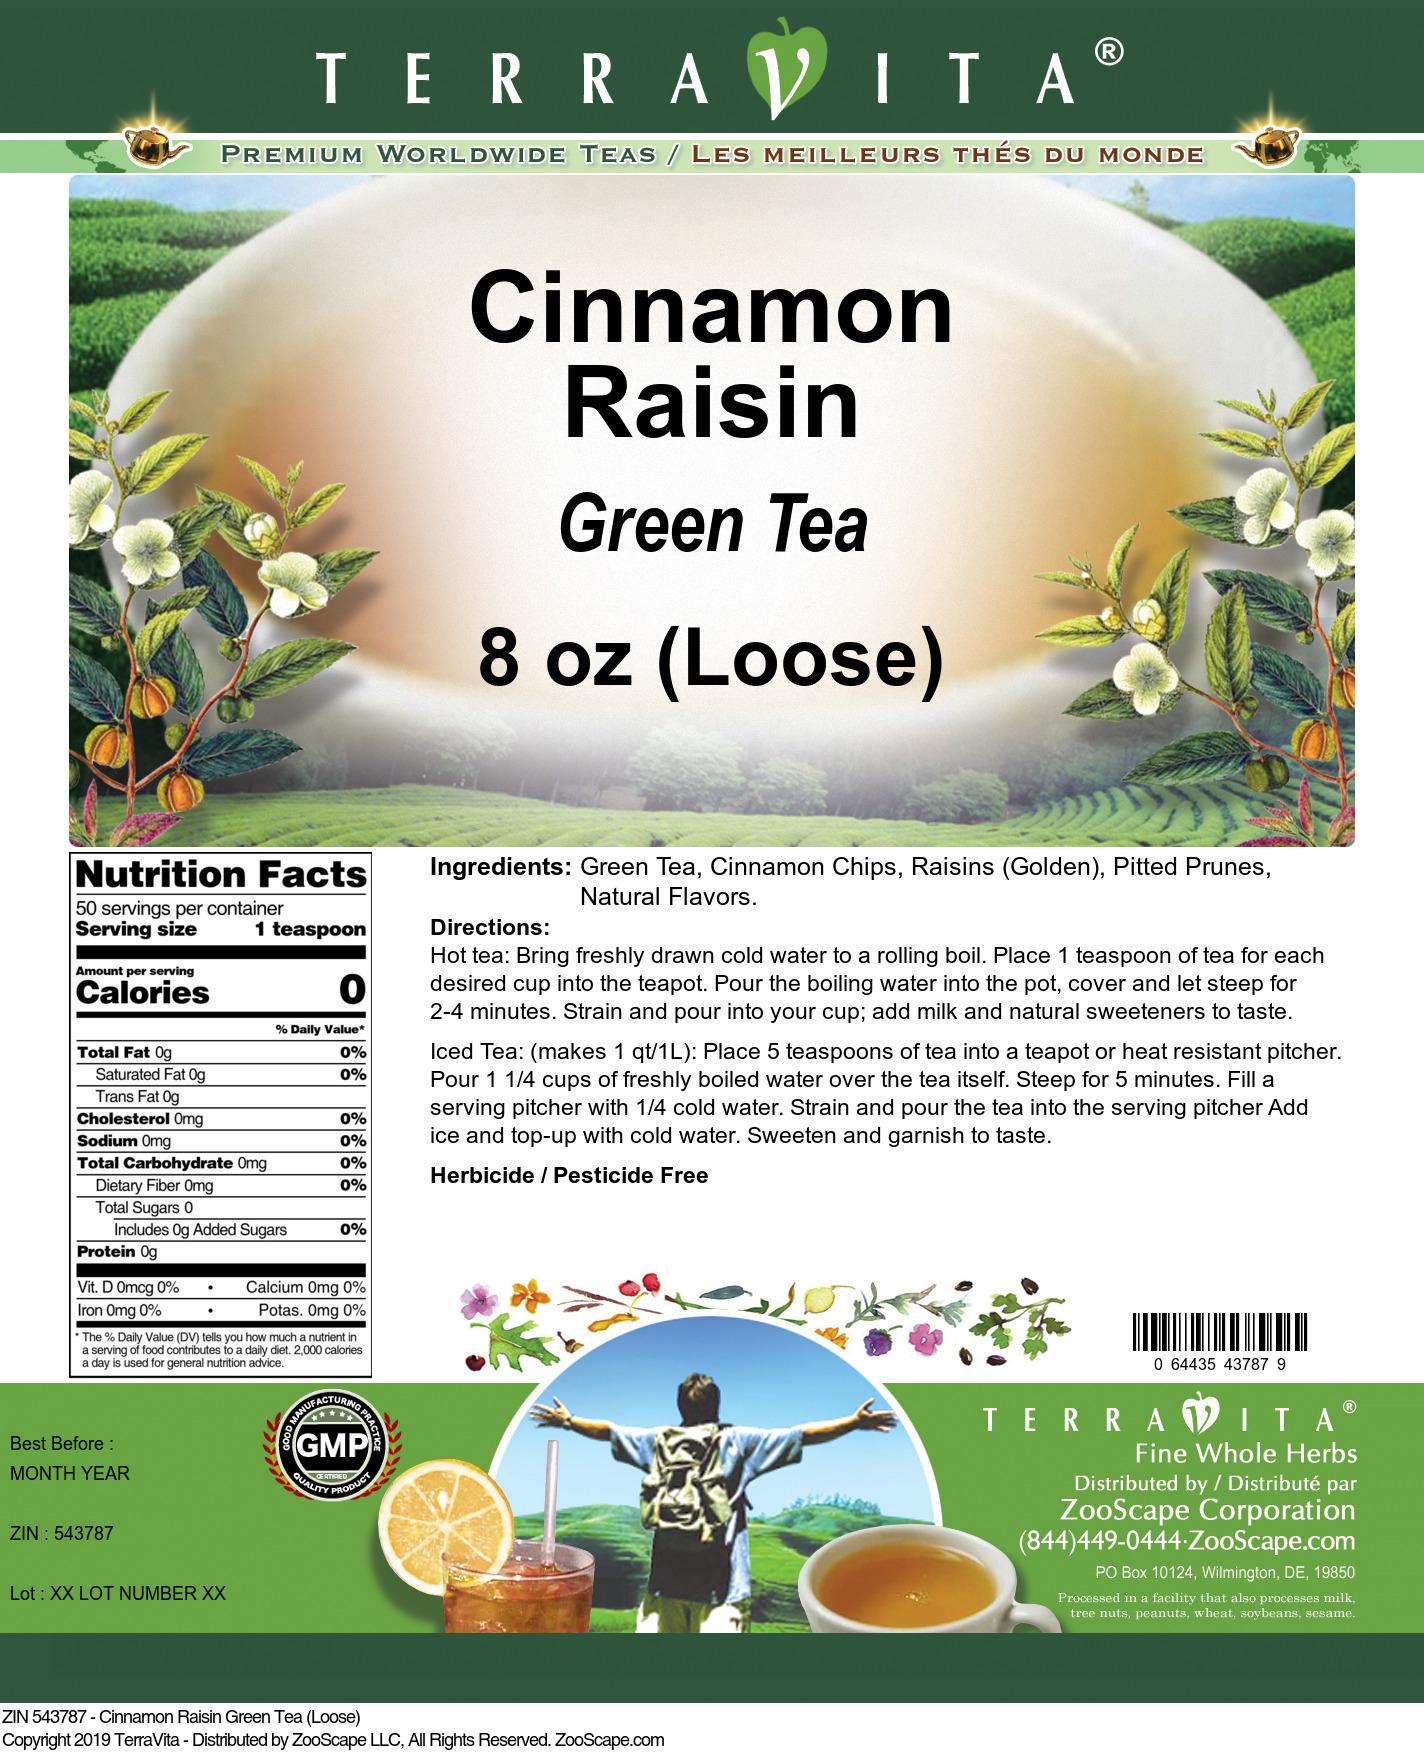 Cinnamon Raisin Green Tea (Loose)